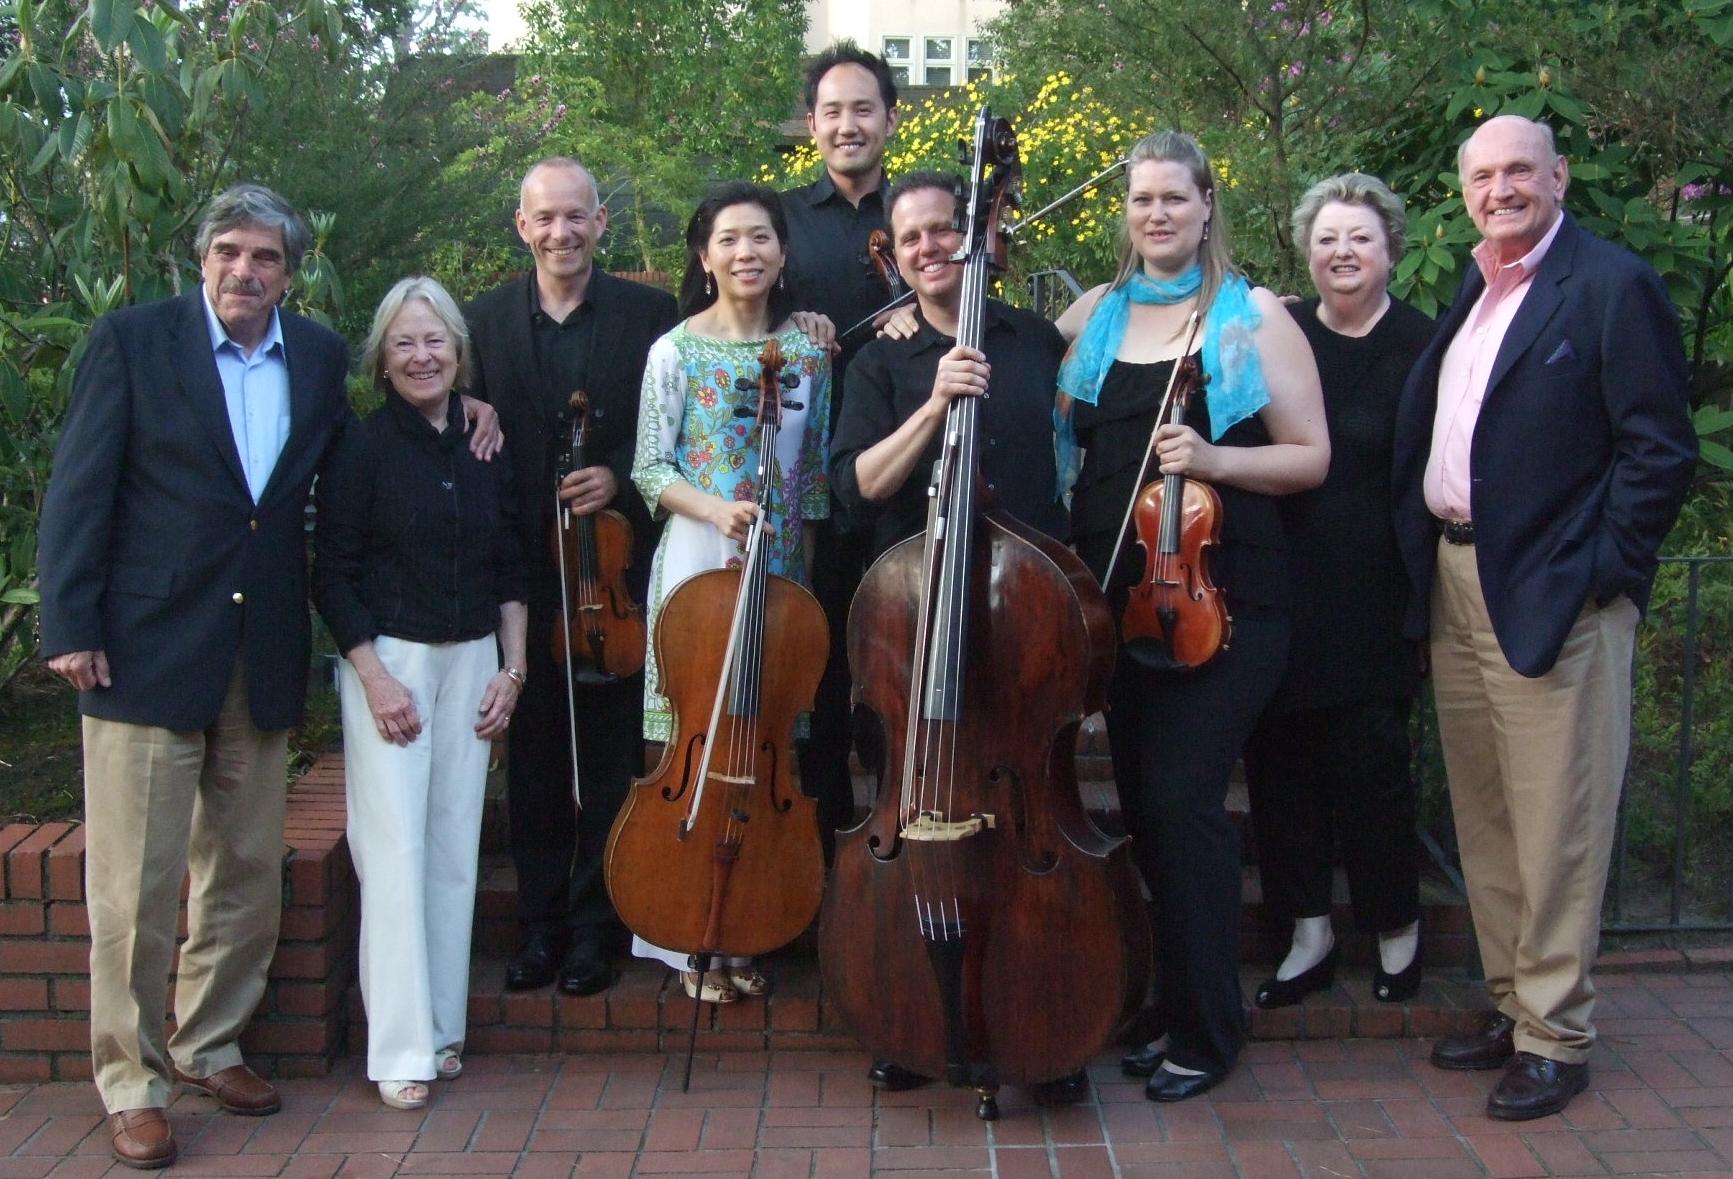 Salon Classique musicians and hosts